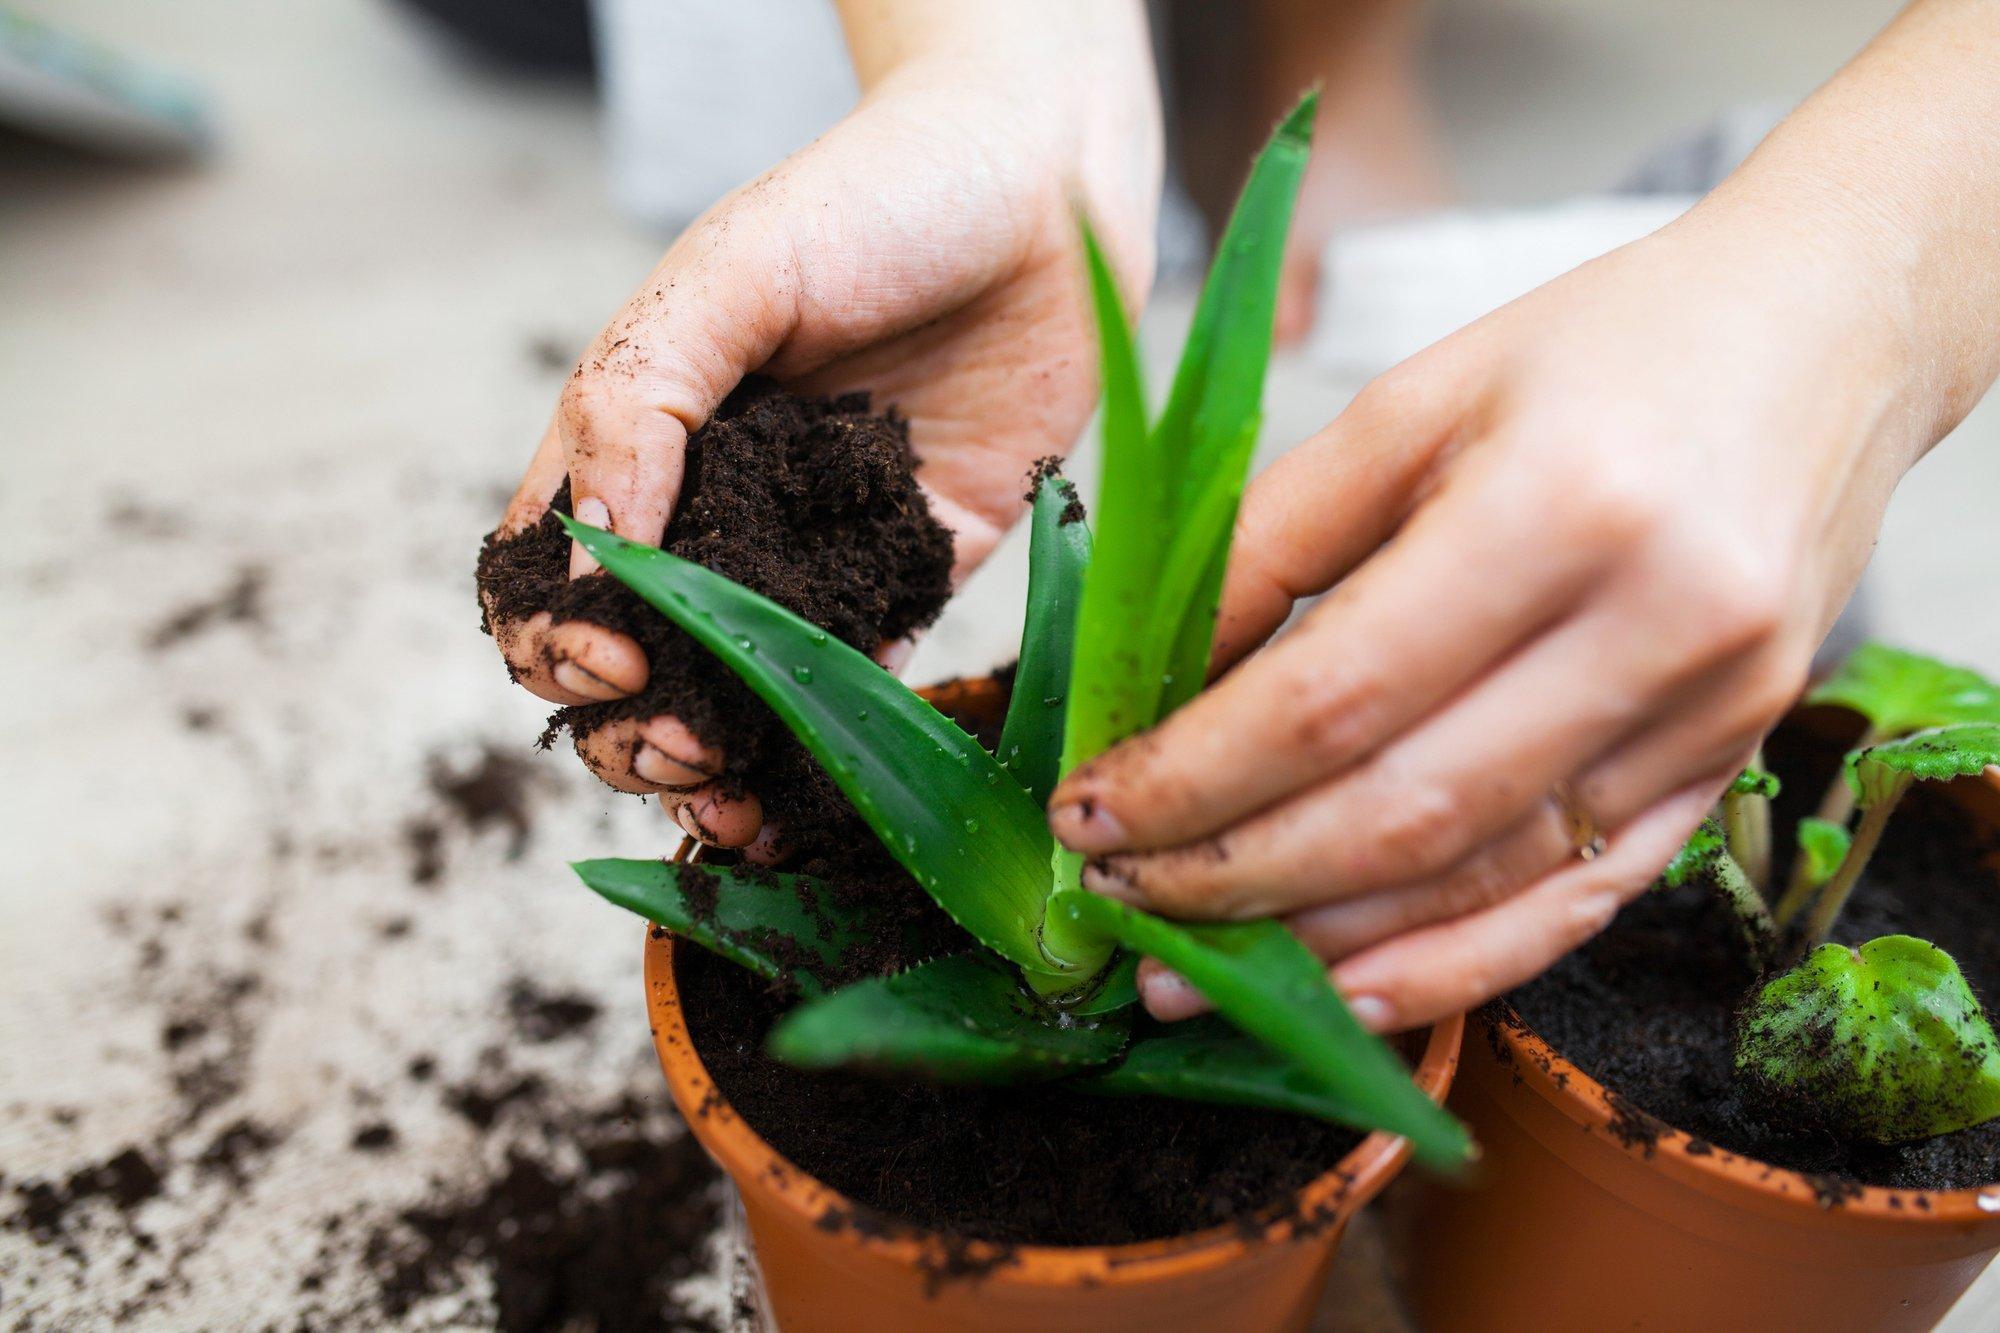 Frauenhände bei der Gartenarbeit, die Frau steckt eine Pflanze in einen Blumentopf.